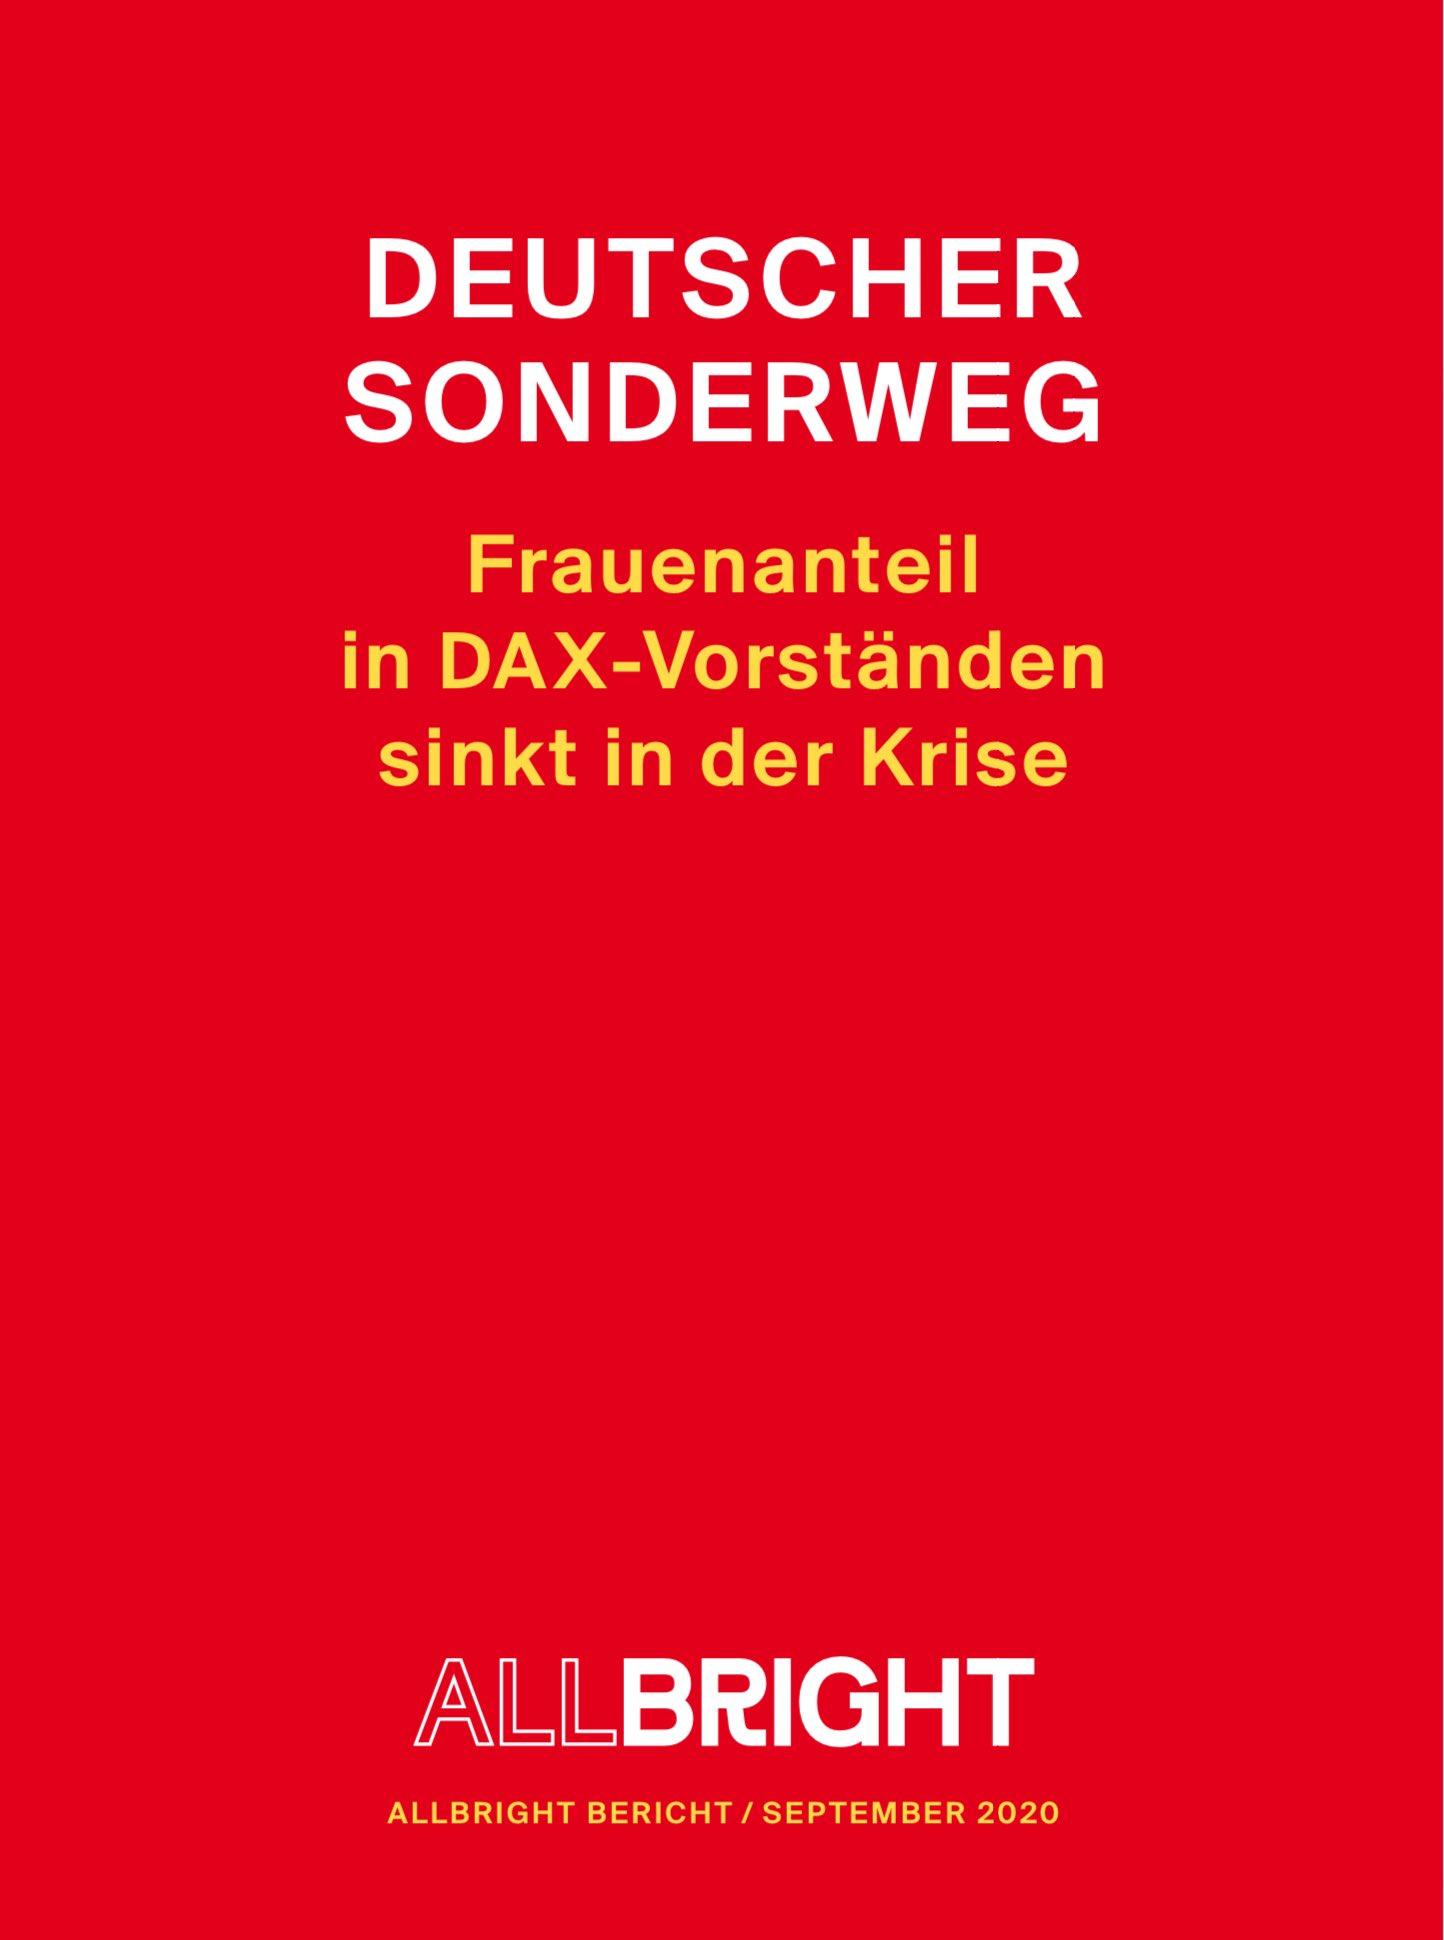 """Thomas Wüst a Twitter: """"Deutscher Sonderweg in #Coronakrise:Lt.  @AllBrightGer ist der Frauenanteil im DAX auf 12,8% gesunken📉😖. Mit  #Ceconomy & #Dermapharm befinden sich nur noch 2 von 160 Firmen aus  #DAX,#MDAX & #"""